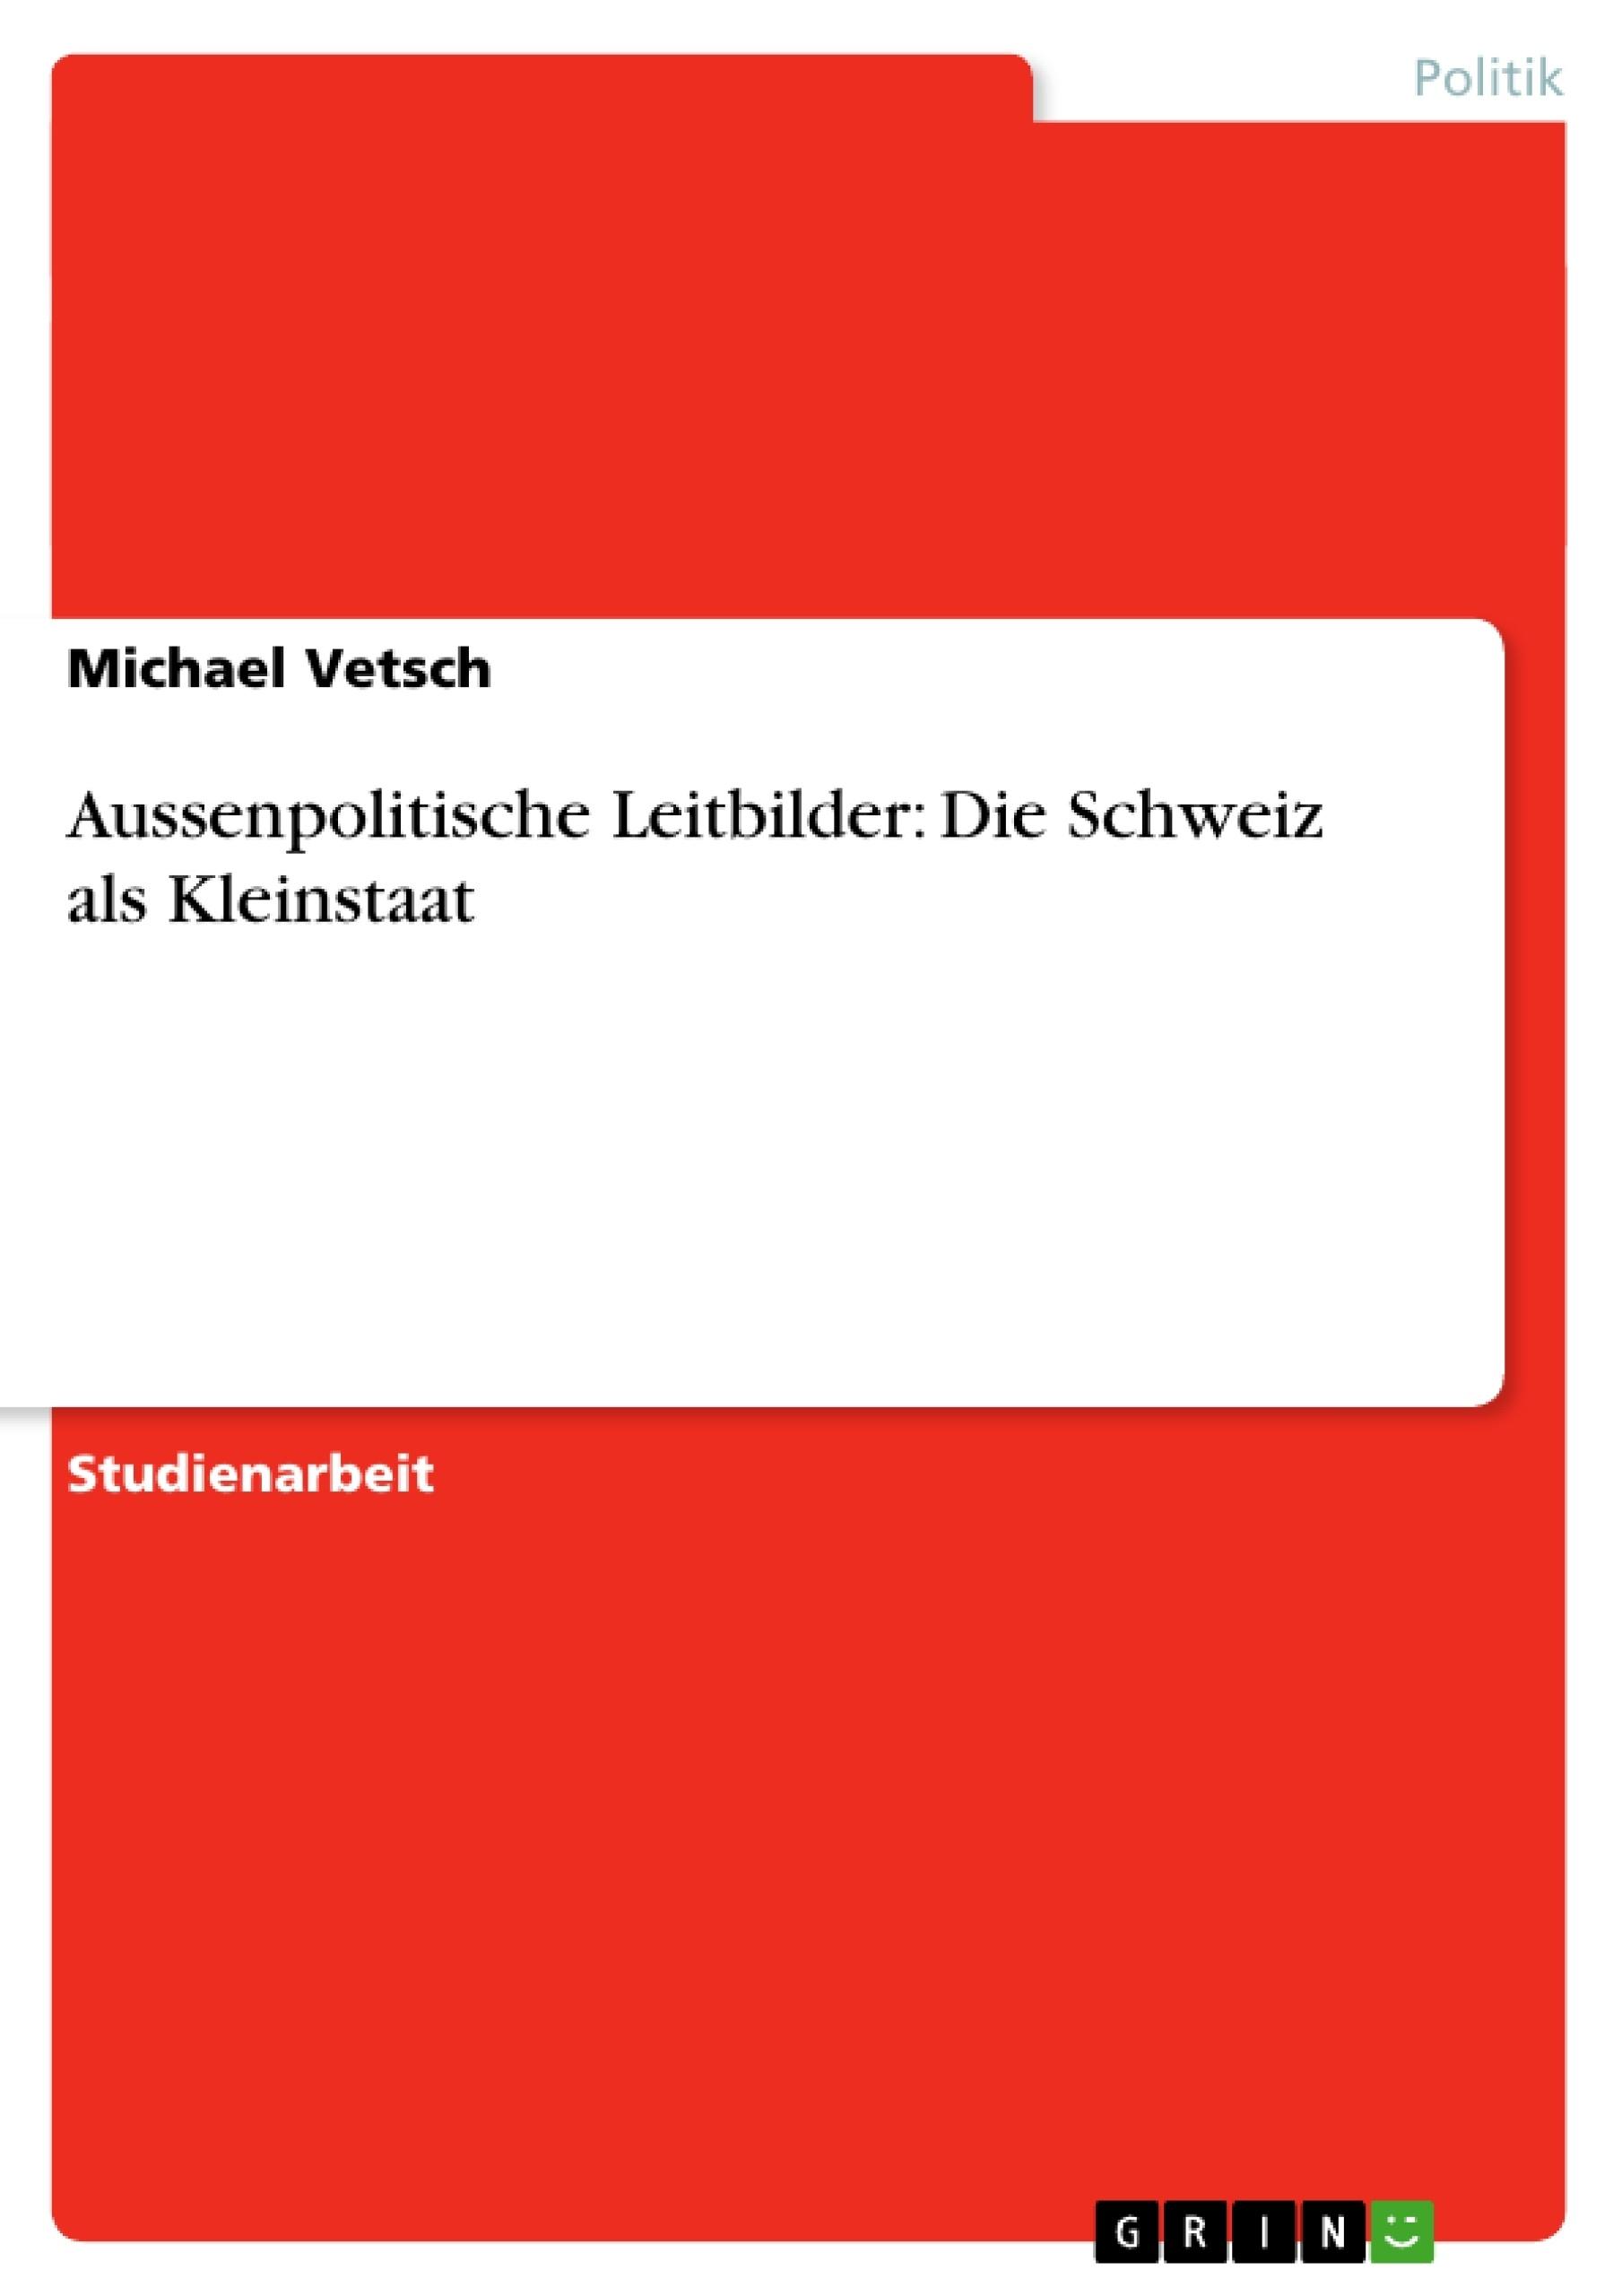 Titel: Aussenpolitische Leitbilder: Die Schweiz als Kleinstaat